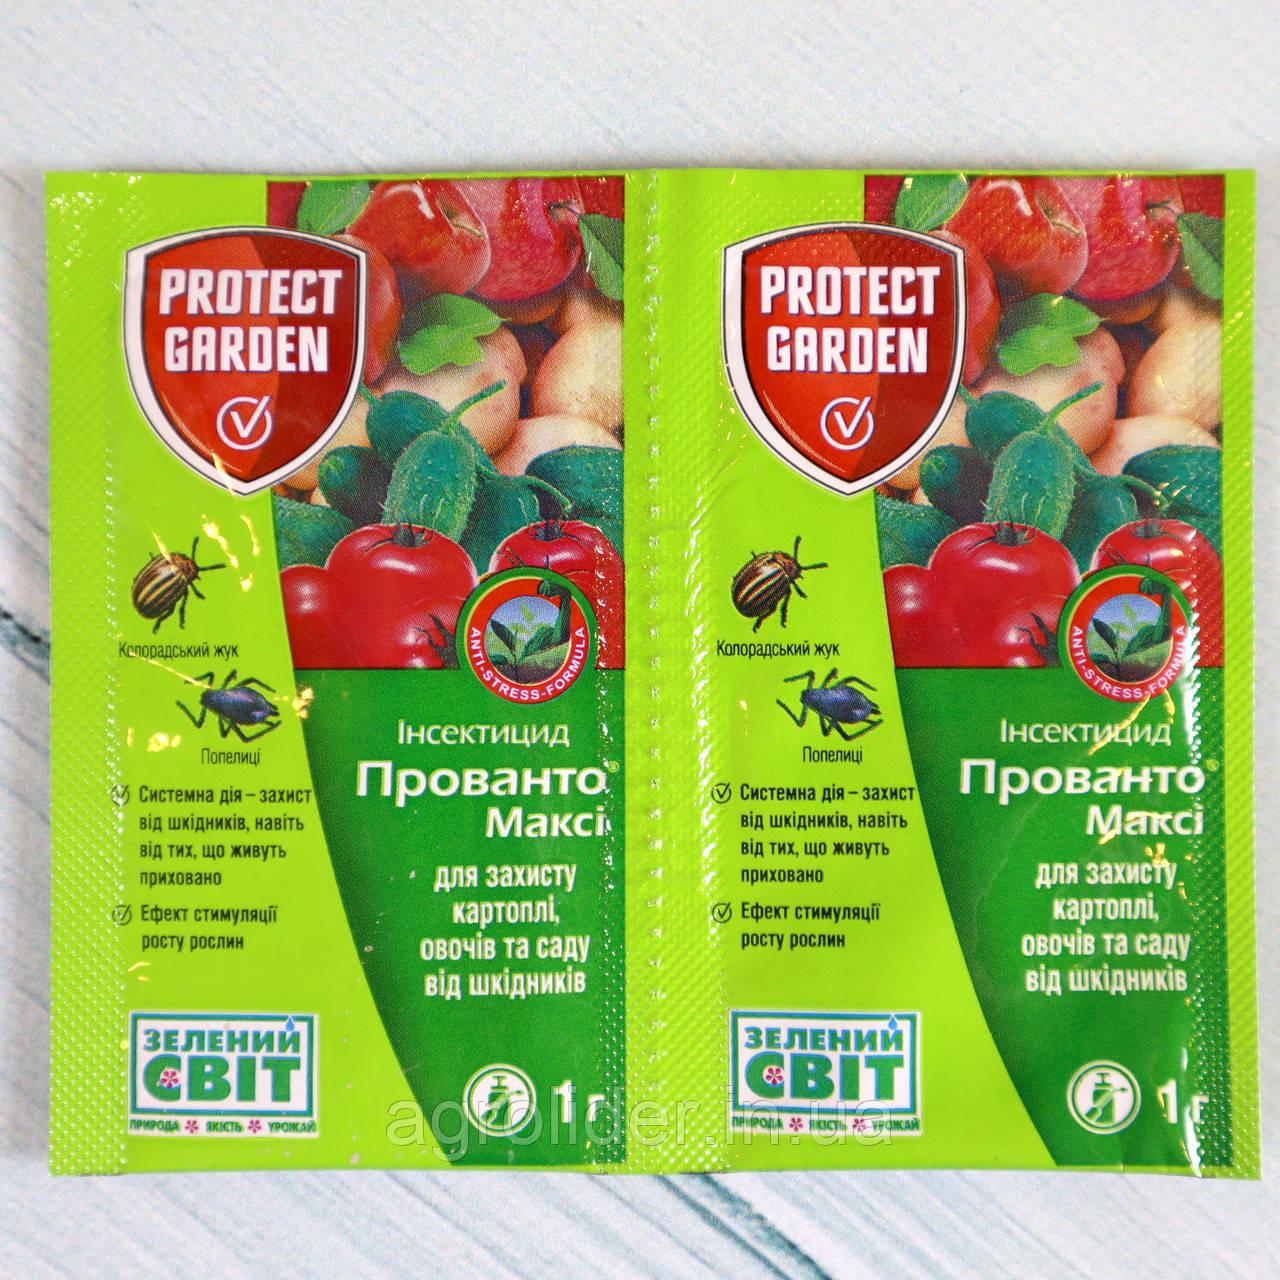 Инсектицид «Прованто Макси» 1г, средство от вредителей (Bayer)